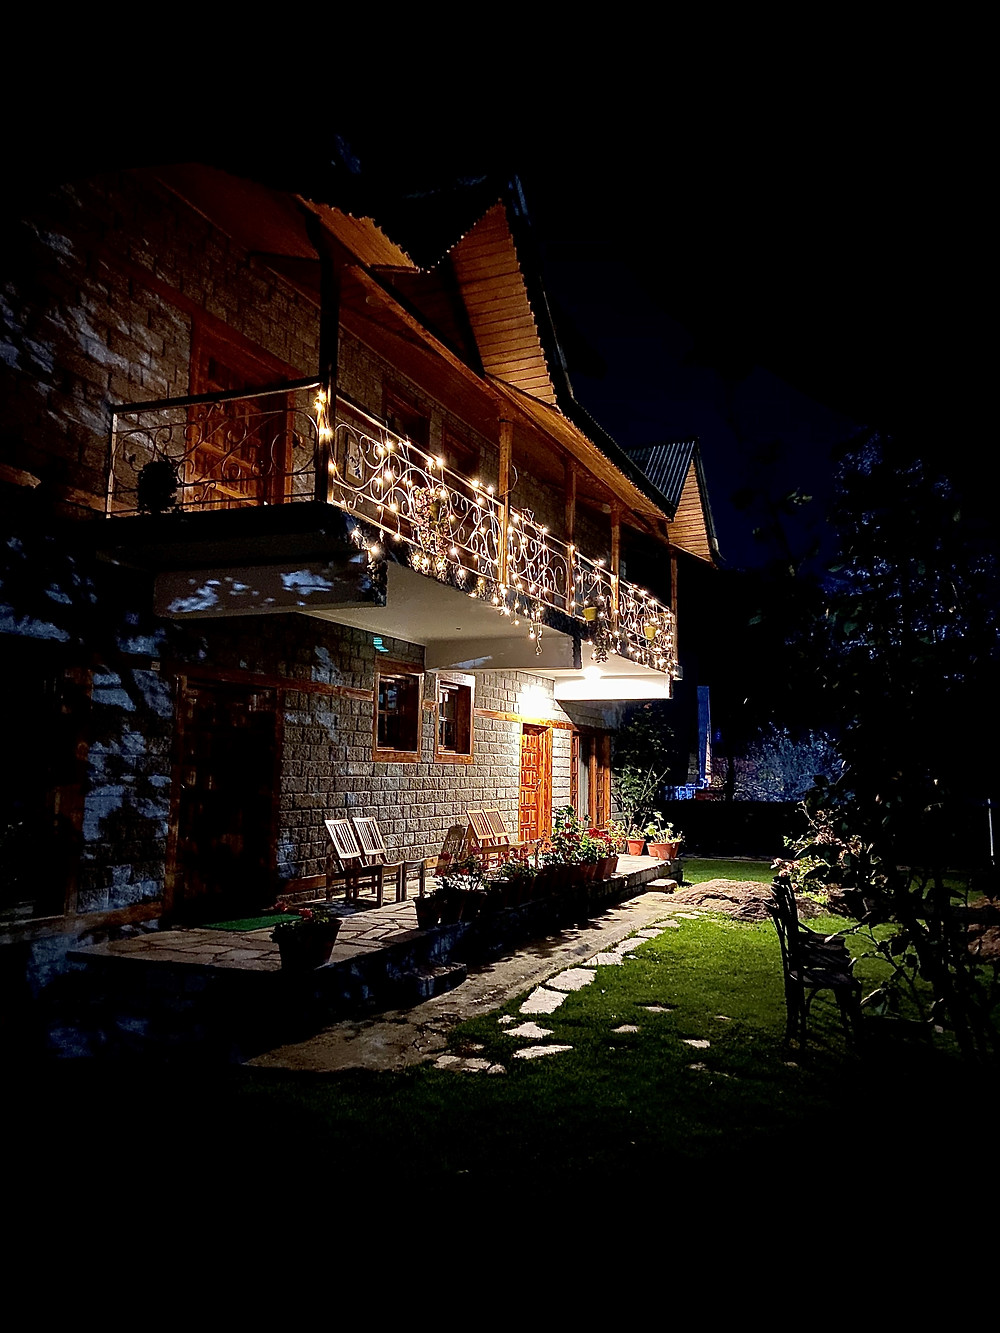 Location: Casa Bella Vista